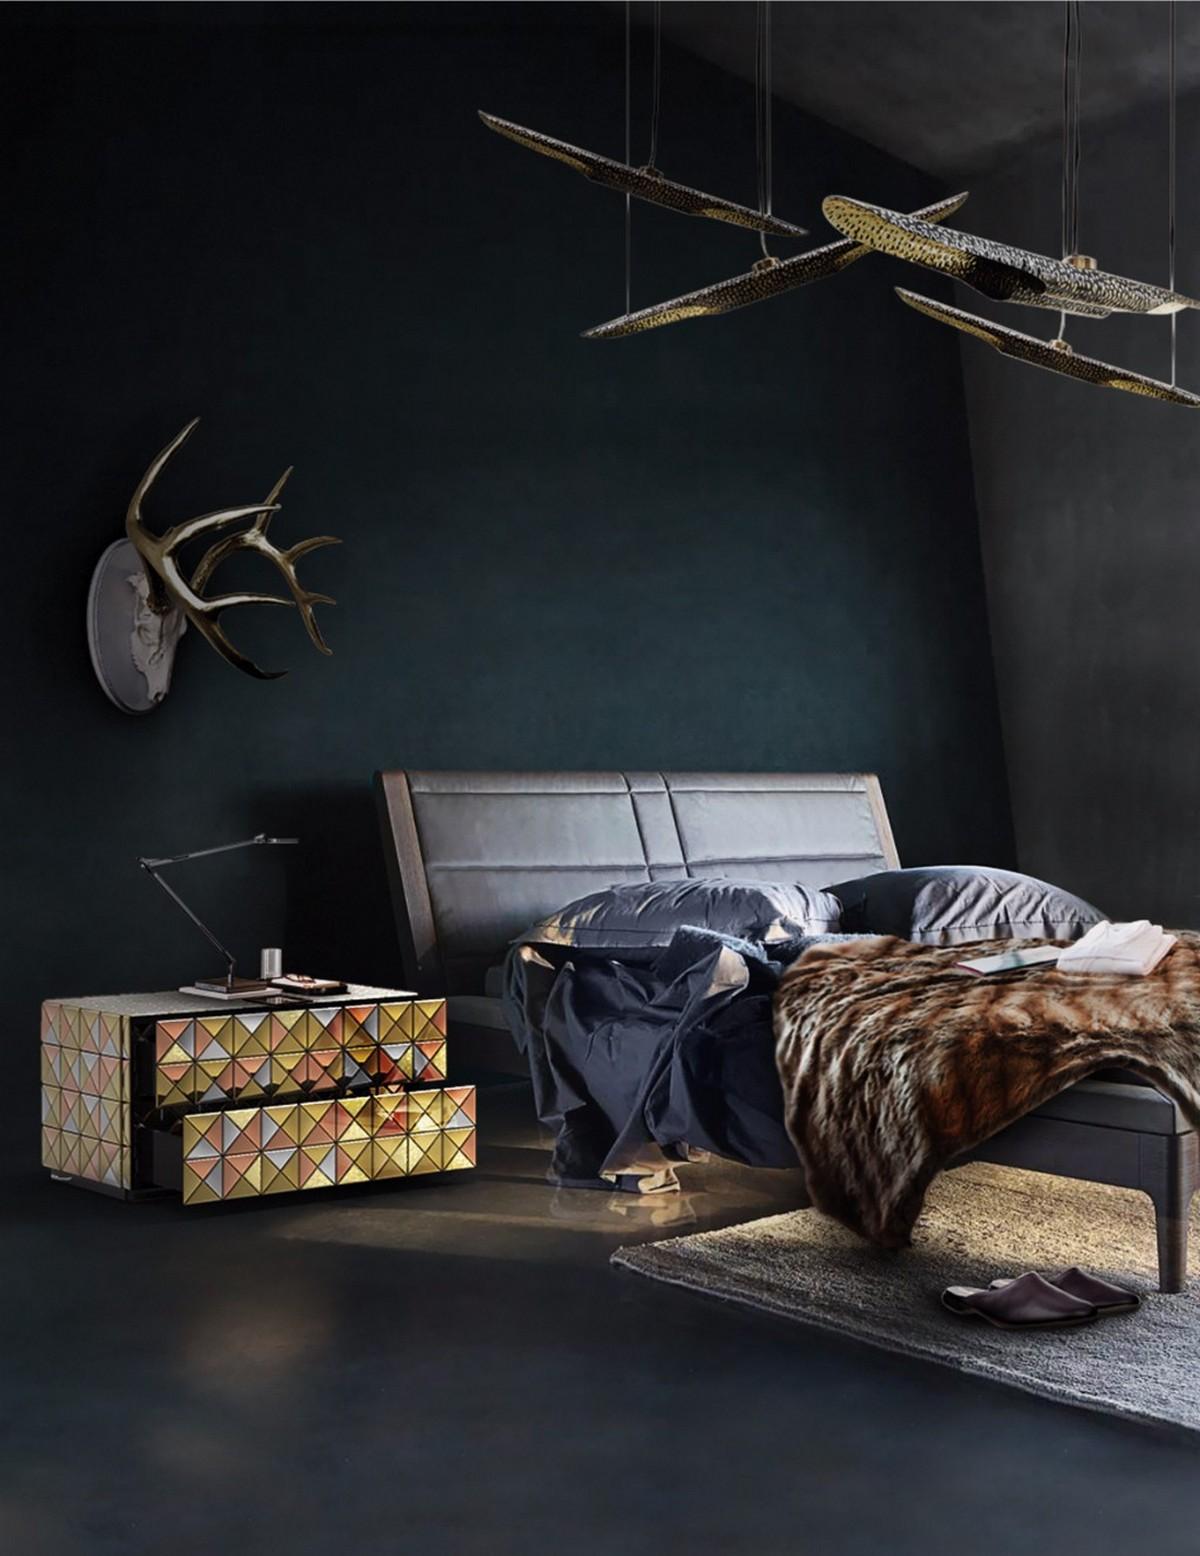 Top Contemporary Nightstands contemporary nightstands Top Contemporary Nightstands pixel